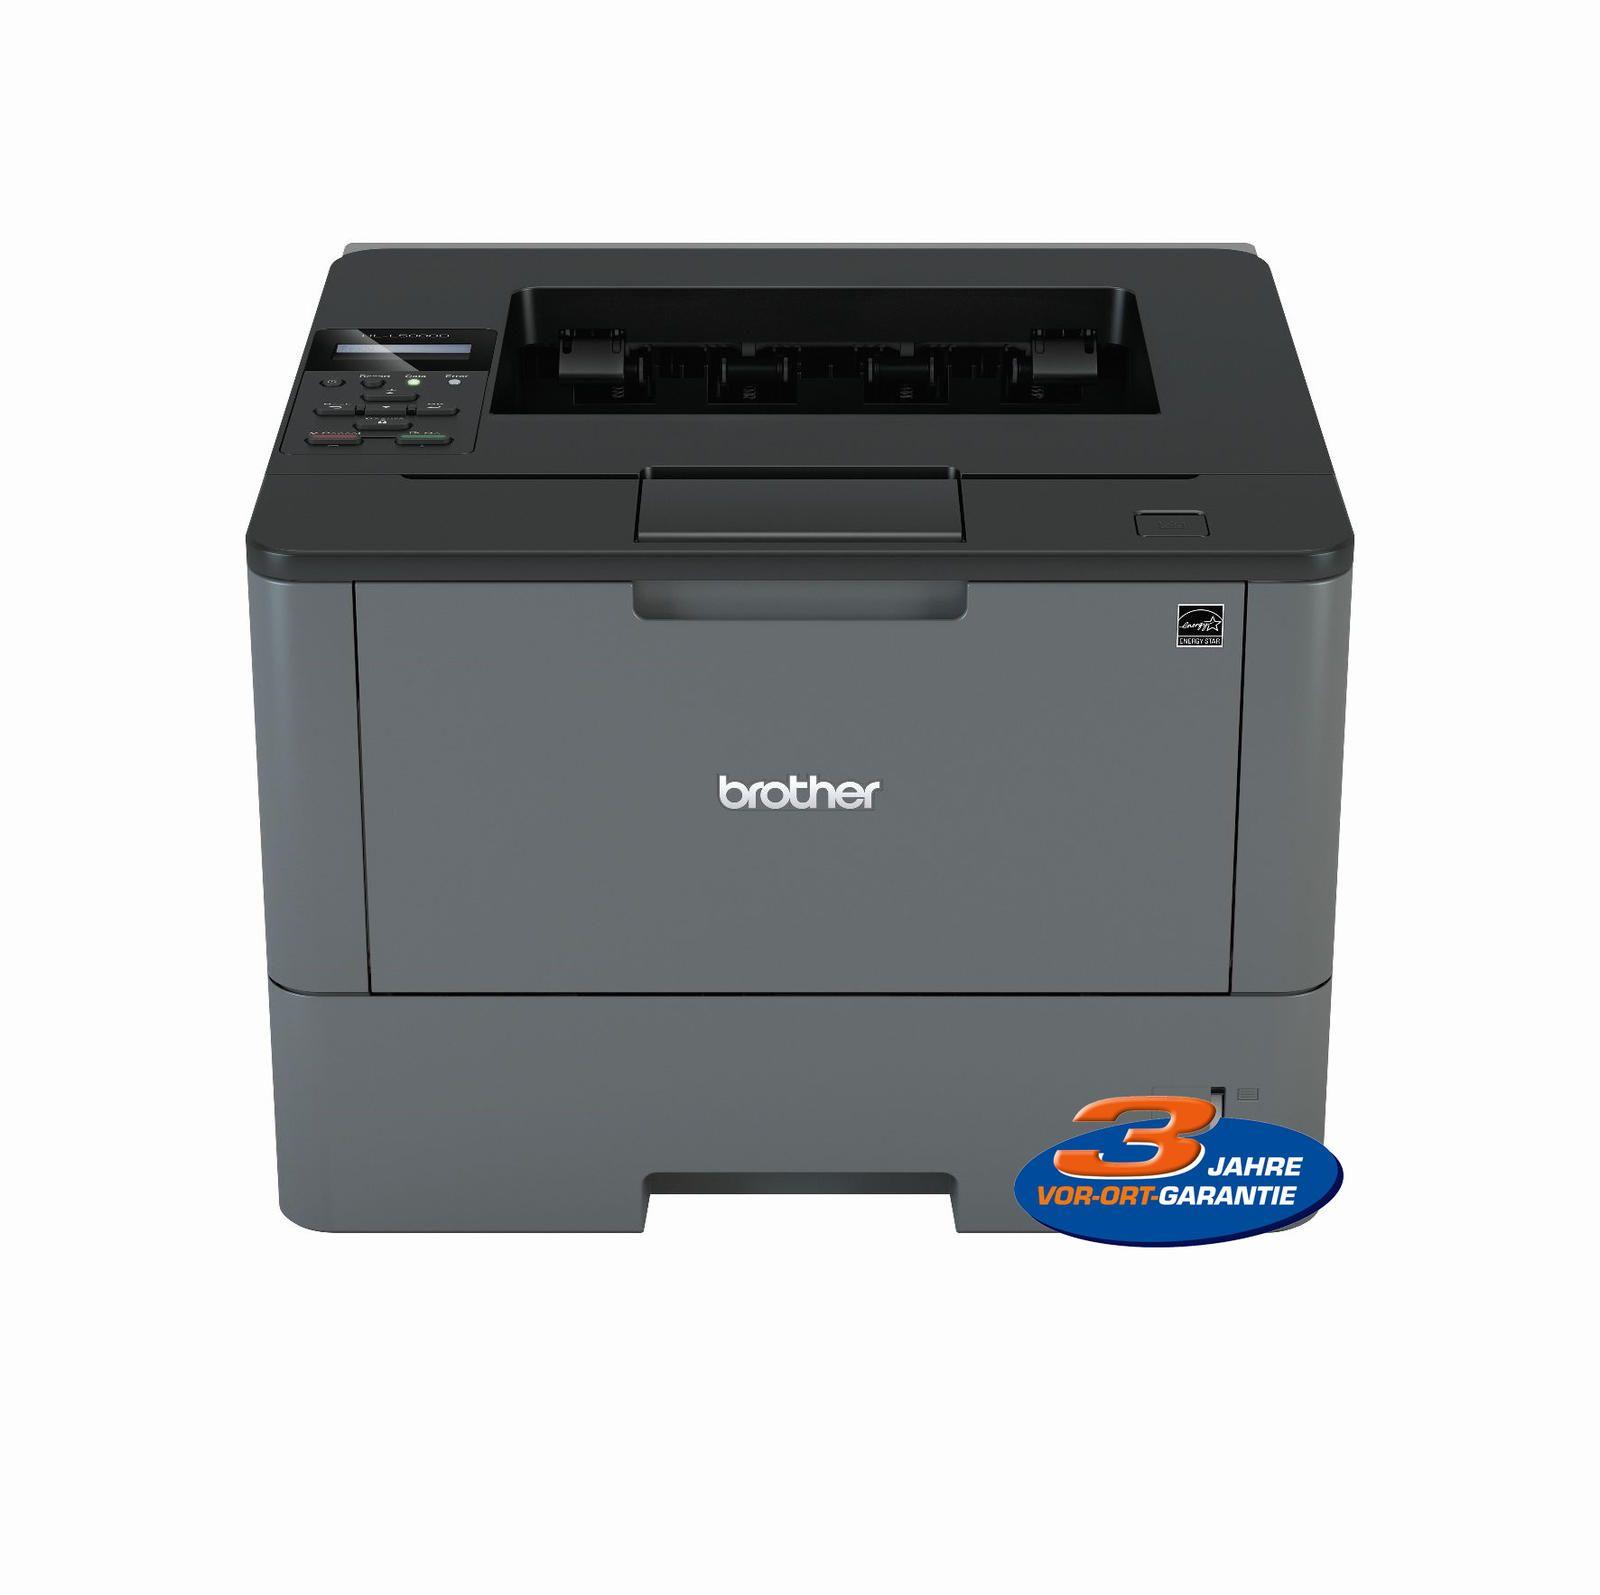 Bild zu Mono-Laserdrucker Brother HL-L5000D für 89,79€ (Vergleich: 109,78€)